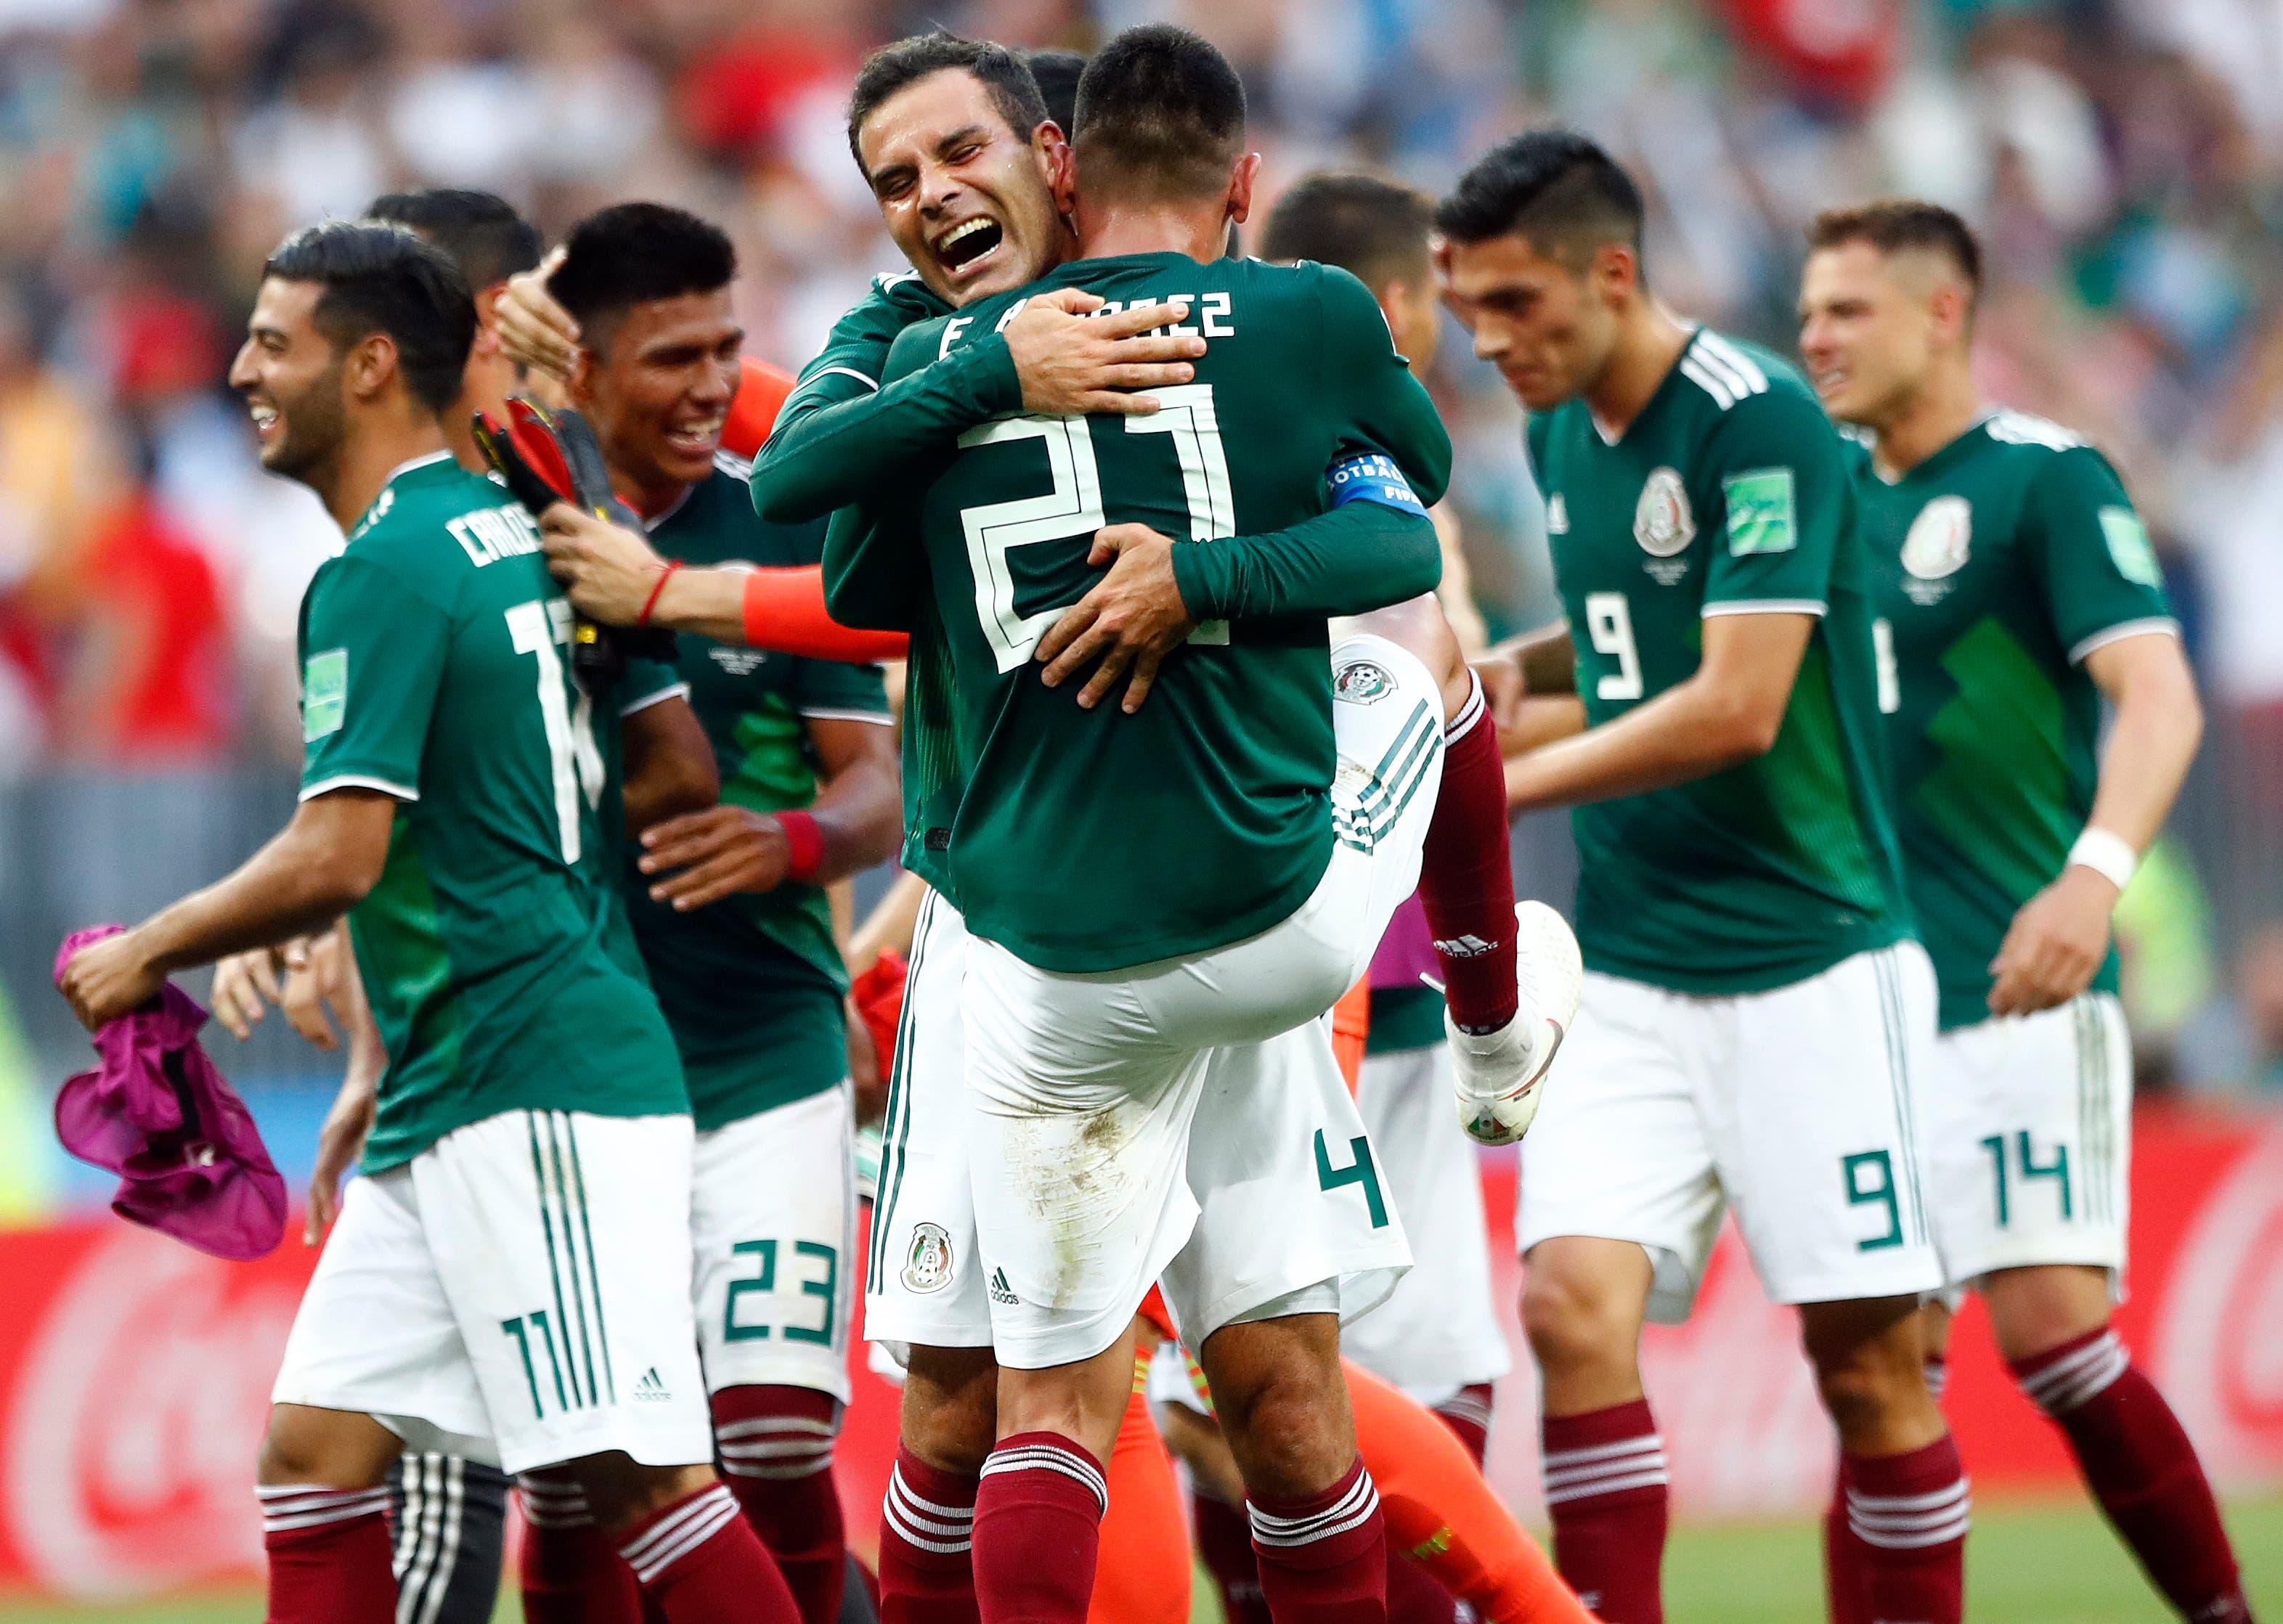 Los mexicanos ya no se conforman con el quinto partido, aspiran llegar a la final